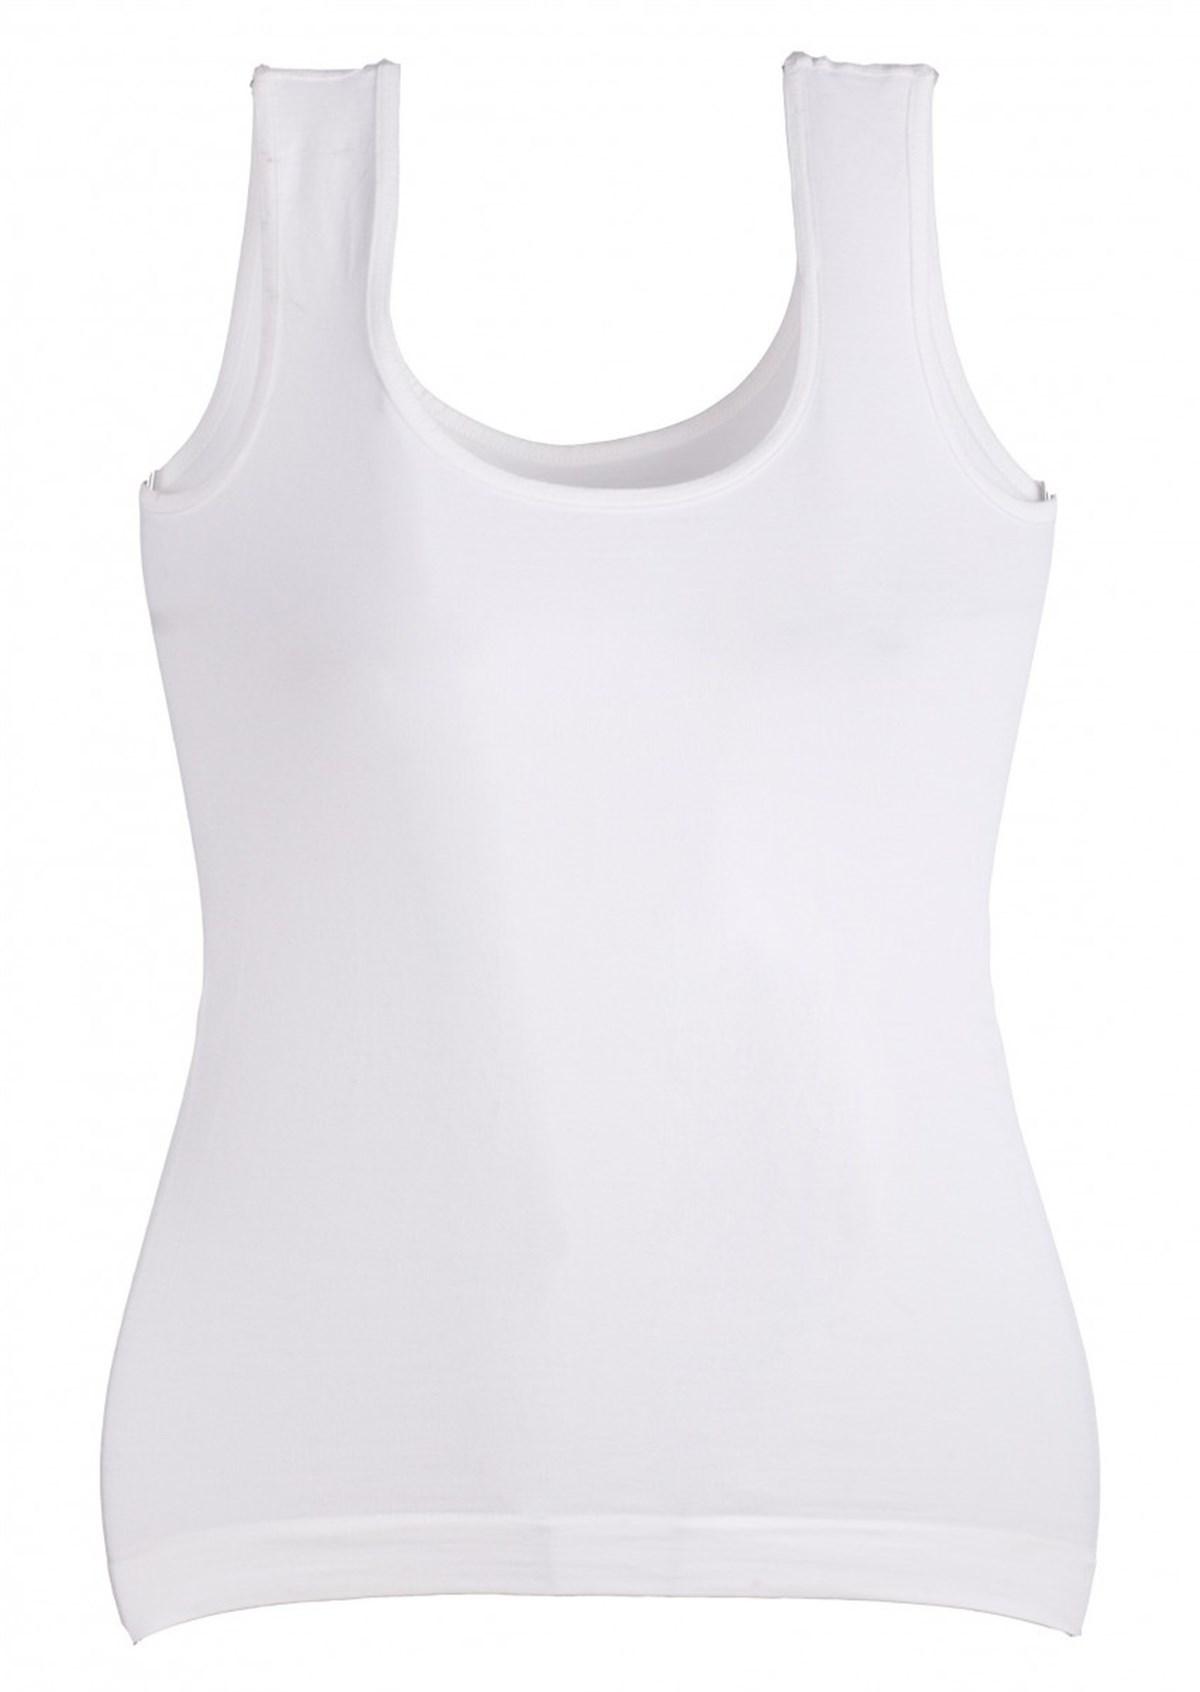 Moda Çizgi Kalın Askılı Dikişsiz Atlet 1012